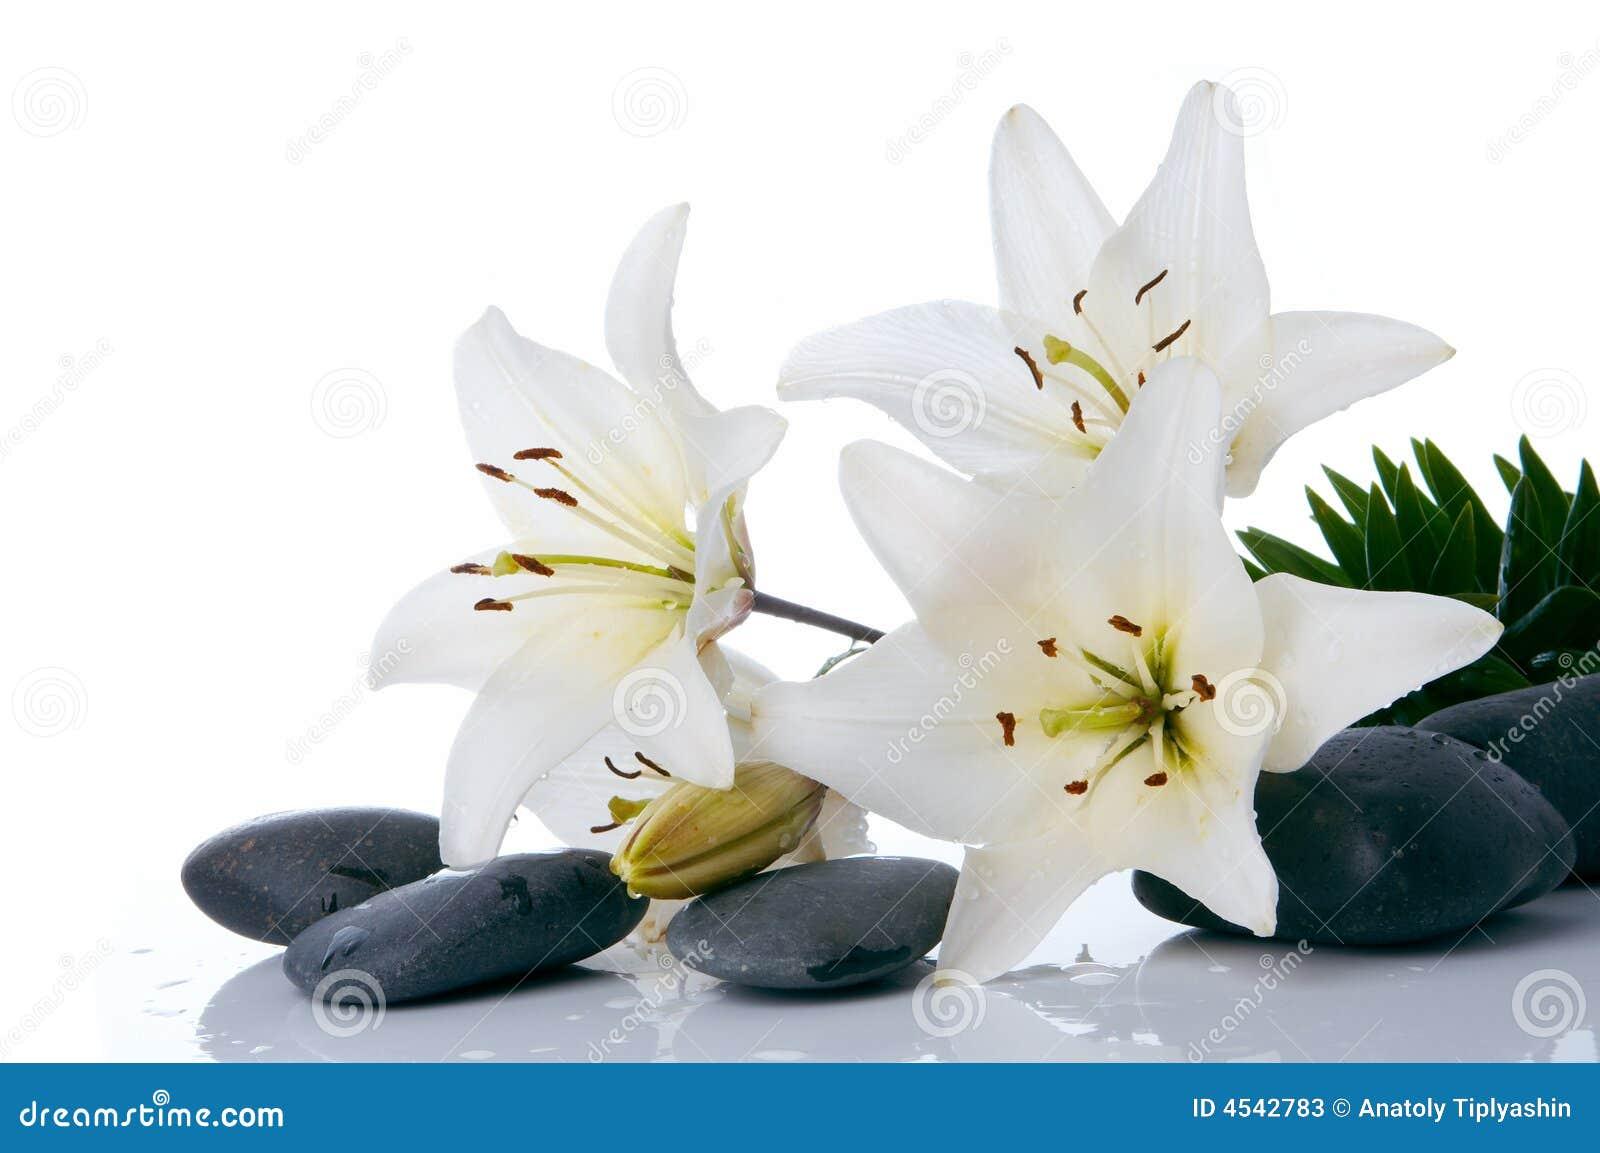 madonna lilien mit badekurortstein stockfotos bild 4542783. Black Bedroom Furniture Sets. Home Design Ideas